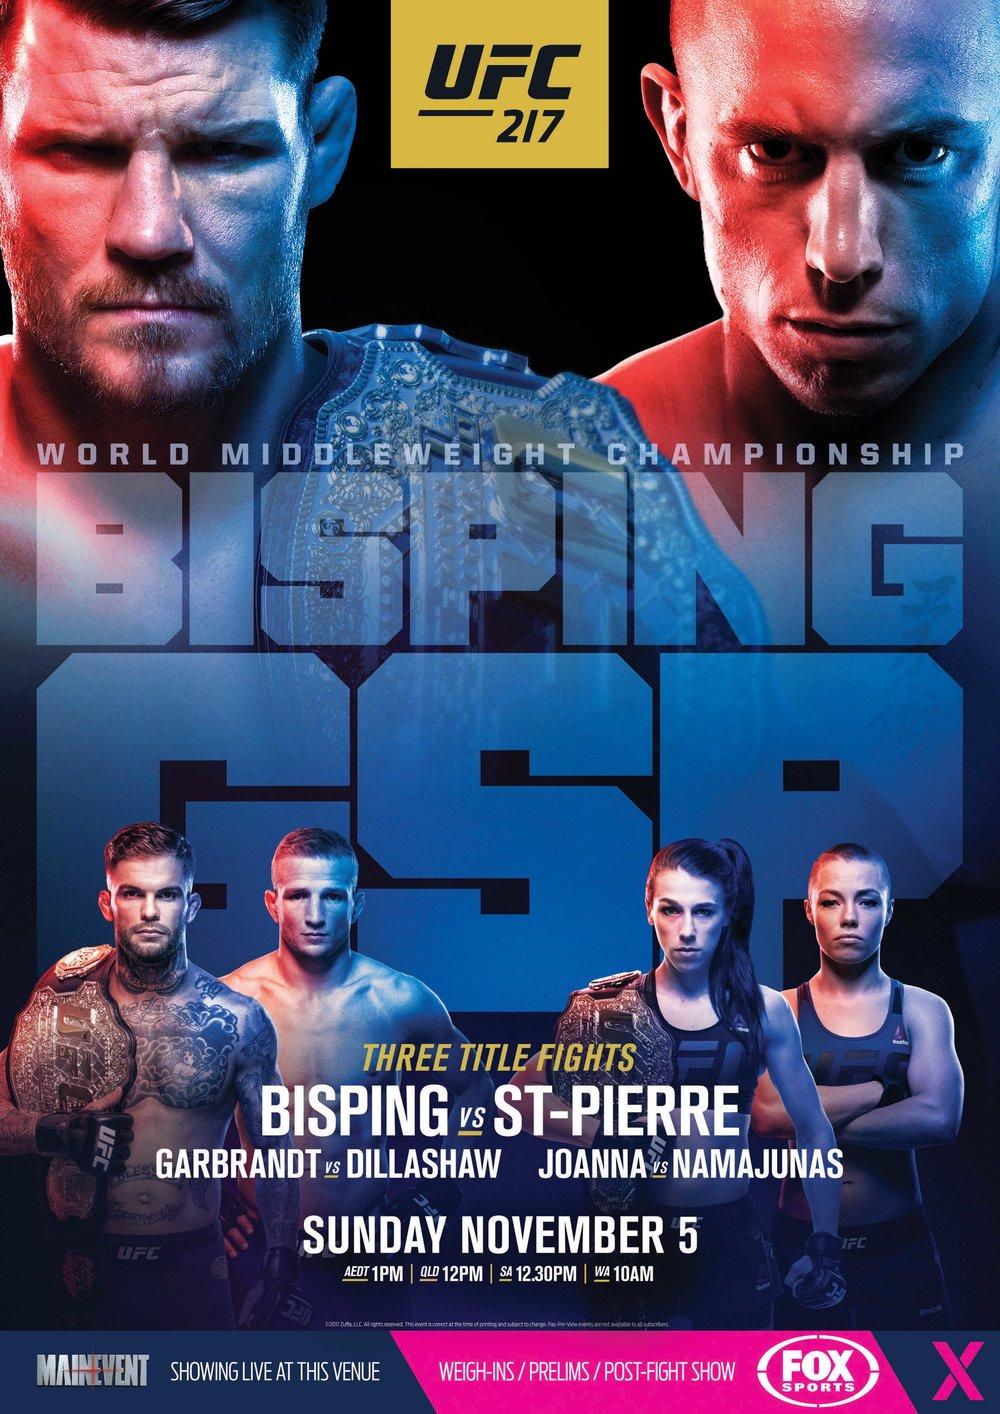 UFC217_FOXSPORTS_A3.jpg